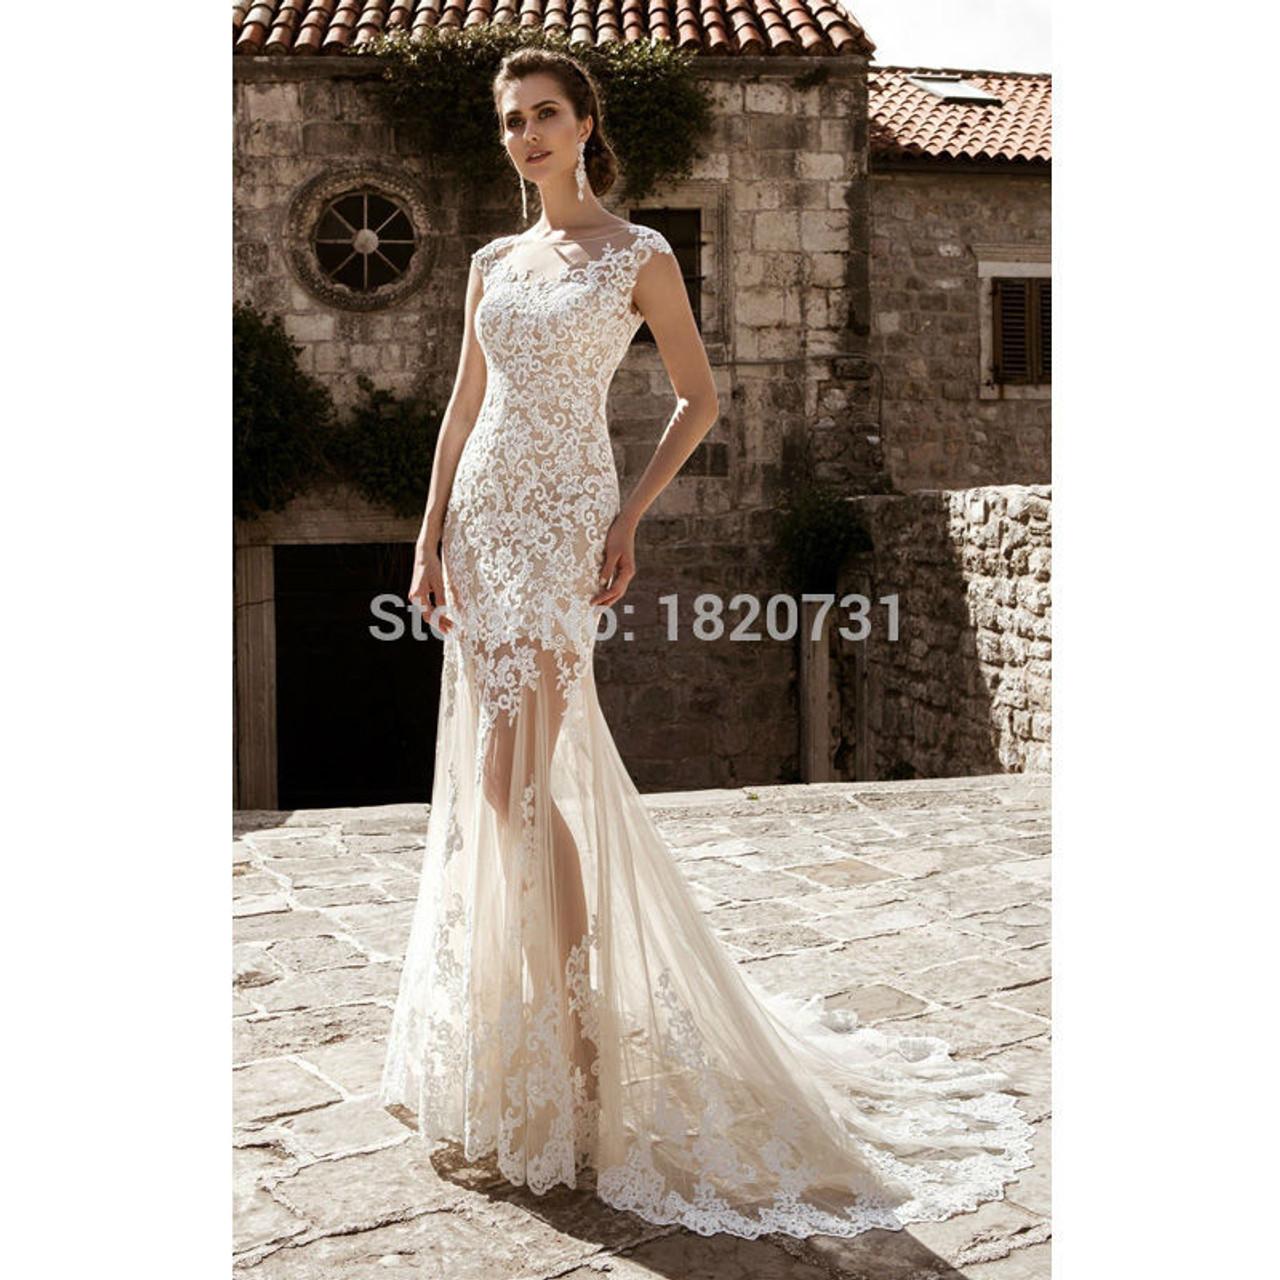 Detachable Wedding Dress.Vestido De Noiva Bridal Gown Champagne Vintage Sexy Lace Detachable Skirt Wedding Dress 2019 Detachable Wedding Dress Train